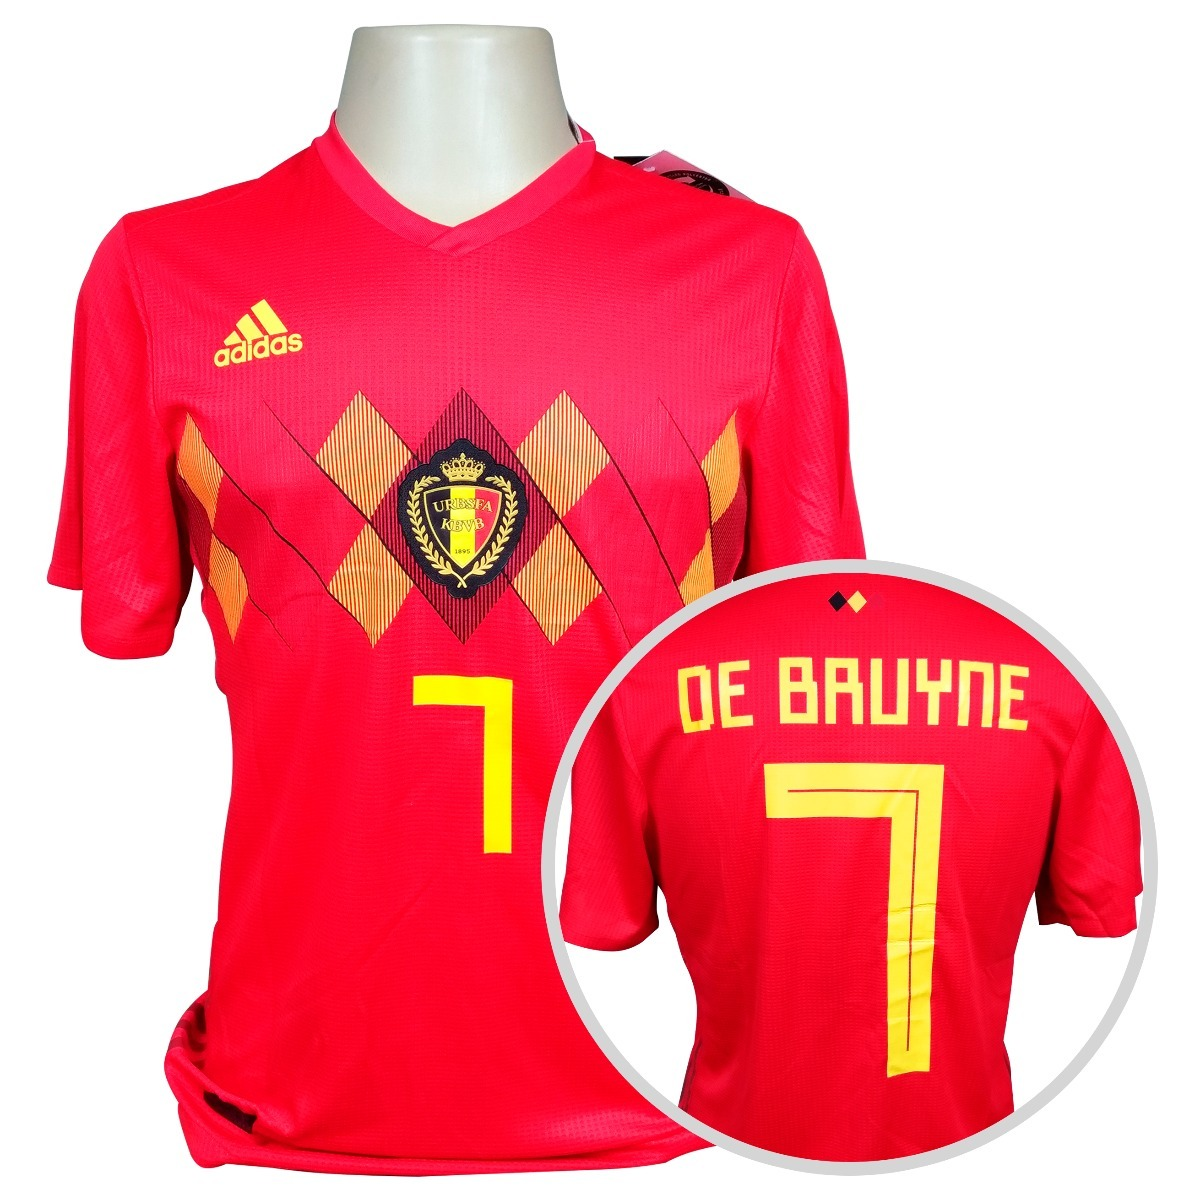 camisa bélgica adidas titular jogador copa 2018  7 de bruyne. Carregando  zoom. 13ca10f900c55